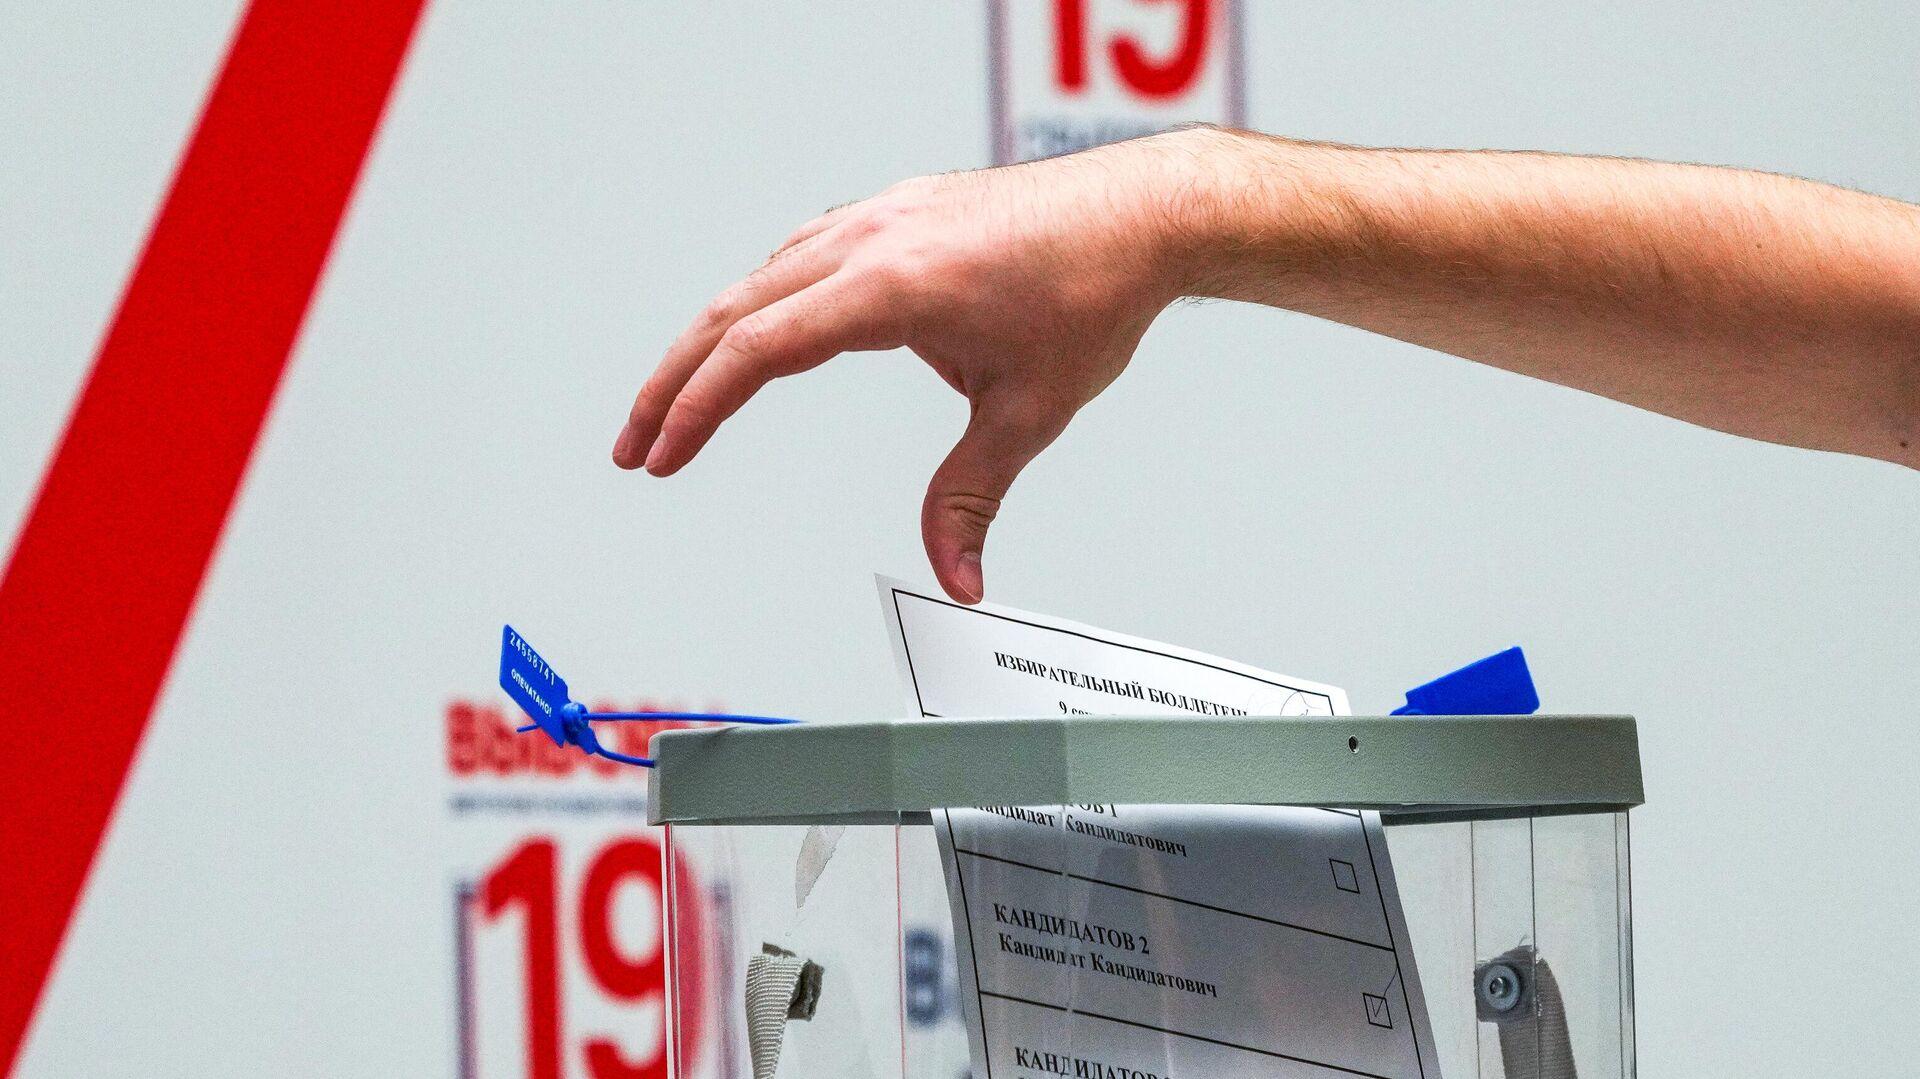 Открытое тестовое голосование в ЦИК России - РИА Новости, 1920, 17.09.2021